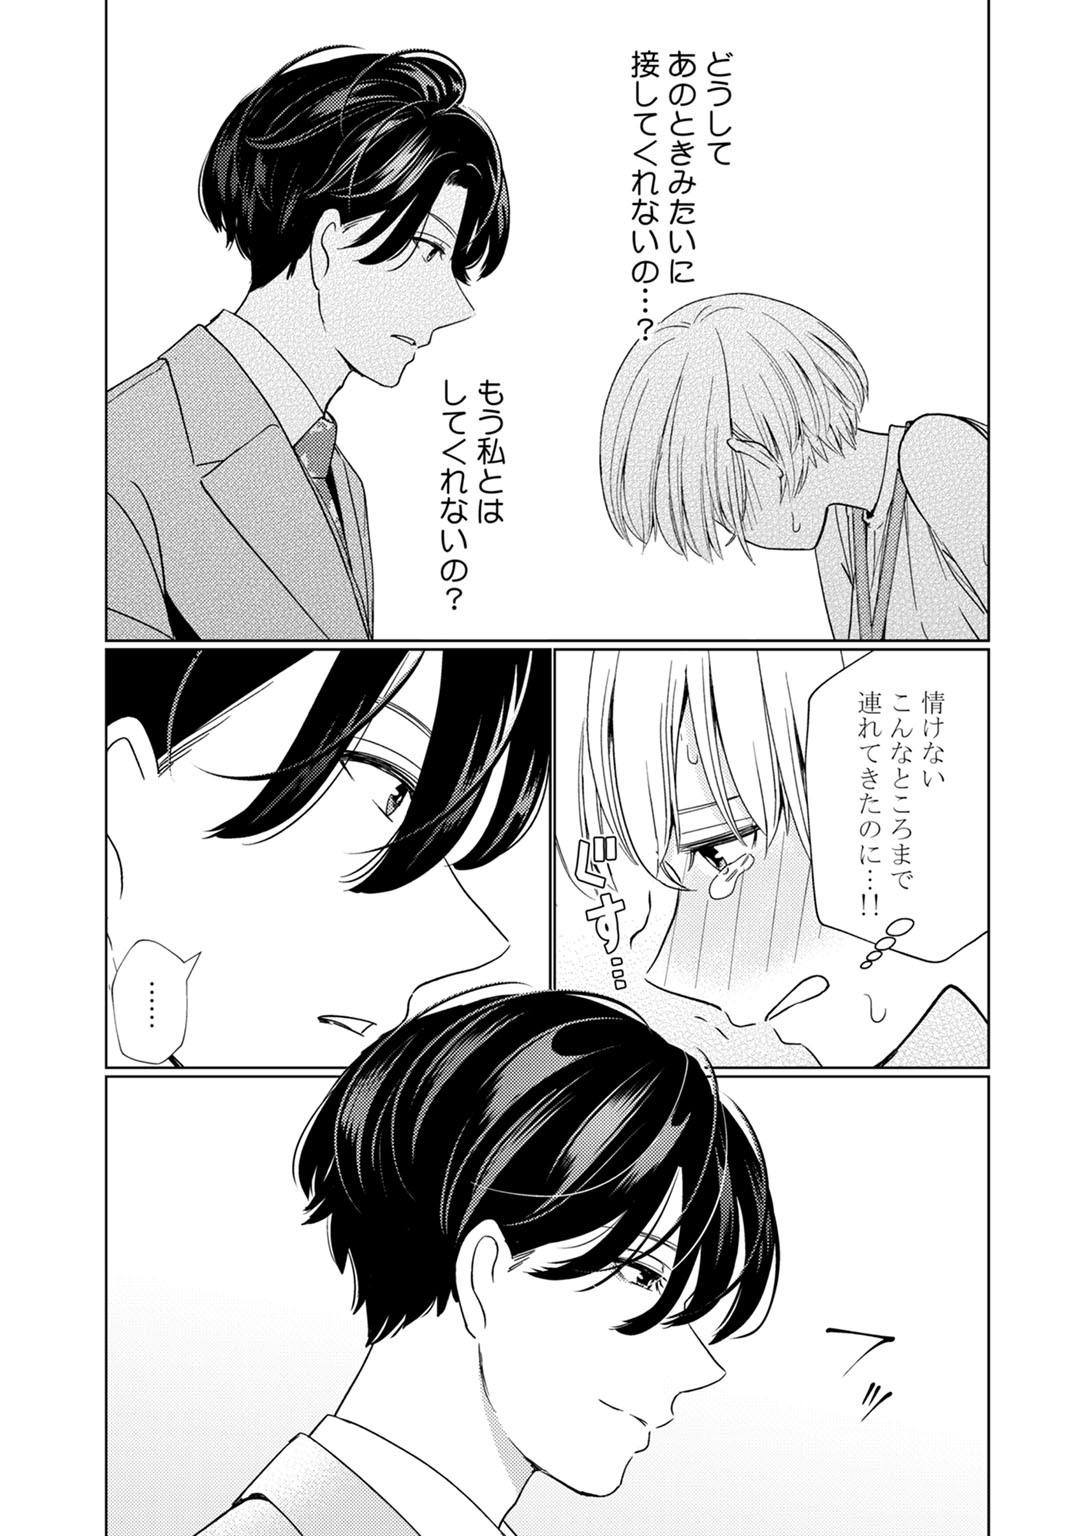 [Okonogi Happa] Kyonyuu-chan to Kyokon Joushi -Kaisha de Musabori Sex- act. 2 16